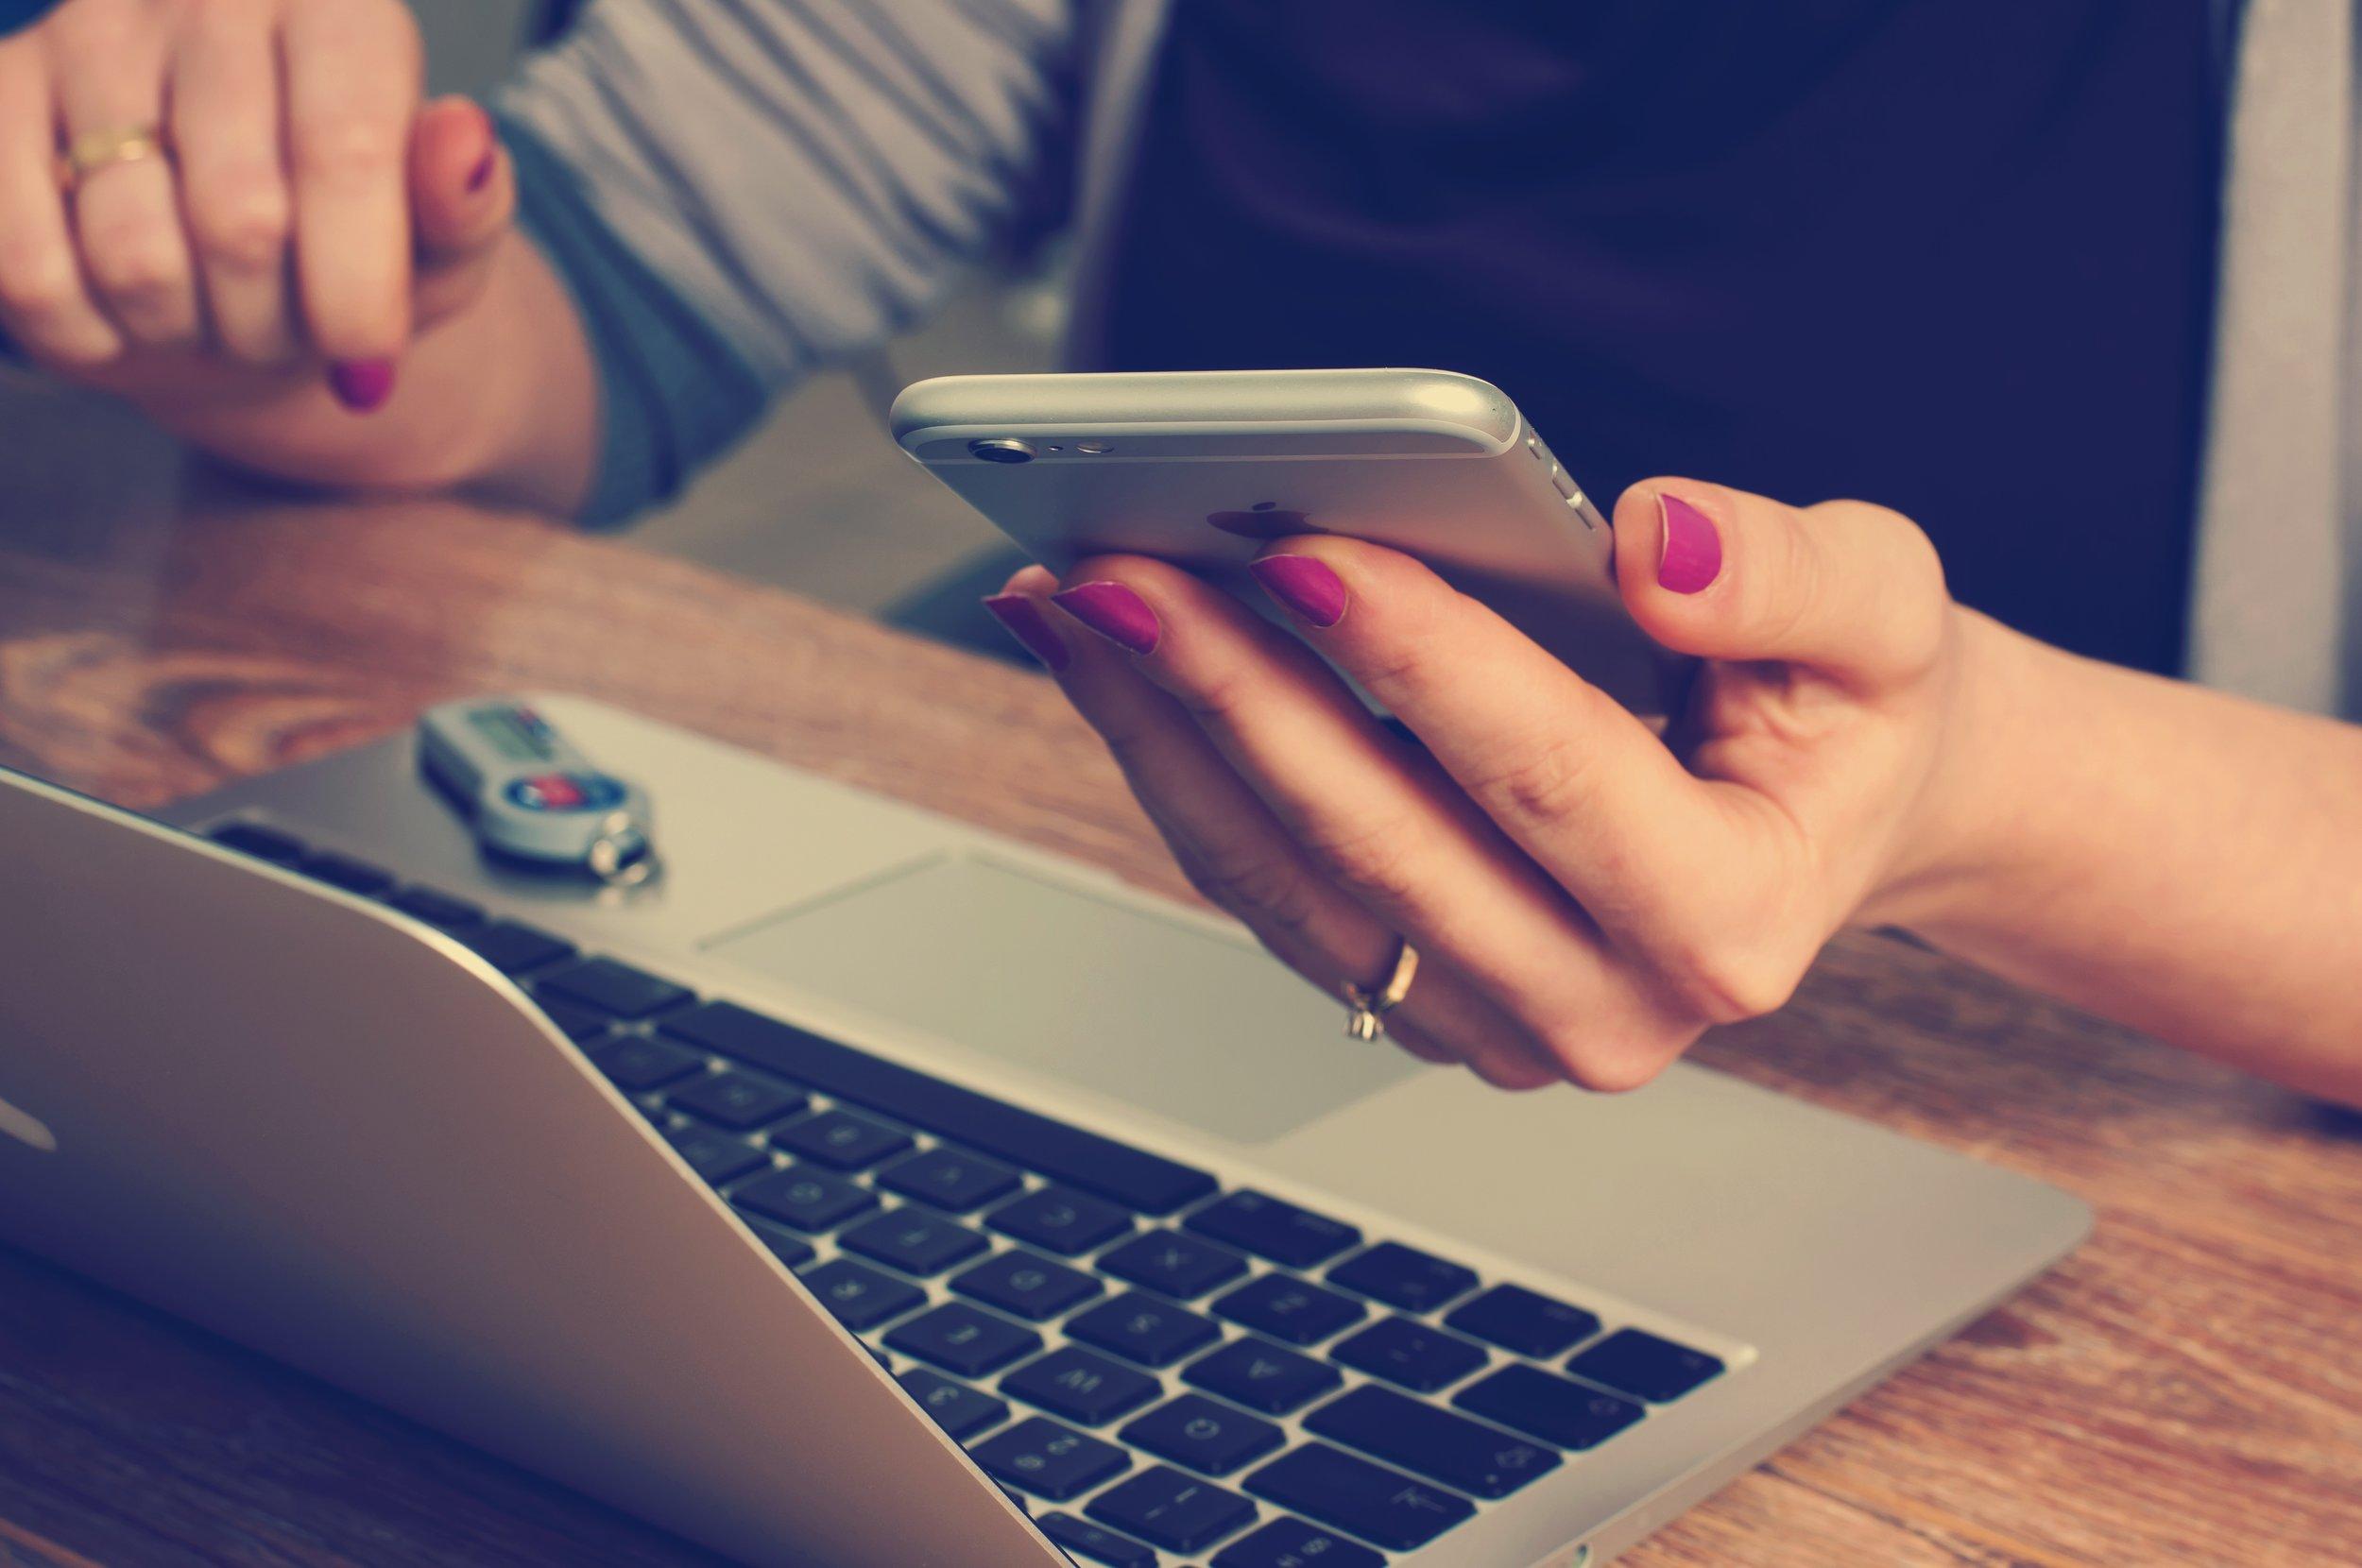 kein.mehrwert? - Die Digitalisierung vernetzt weltweit Menschen und Geräte und sie beeinflusst unser Leben online wie offline.Dabei ist die Digitalisierung zunächst nur ein Werkzeug. Doch nur weil etwas digital ist, ist es nicht gleichzeitig besser.Richtig eingesetzt kann Sie einen Mehrwert schaffen. Und damit stellt sich die Frage: Wie setzt man die Digitalisierung richtig ein? Bevor wir uns dieser Frage nähern, möchten wir Sie zunächst für die allgemeinen Herausforderungen der Digitalisierung sensibilisieren.